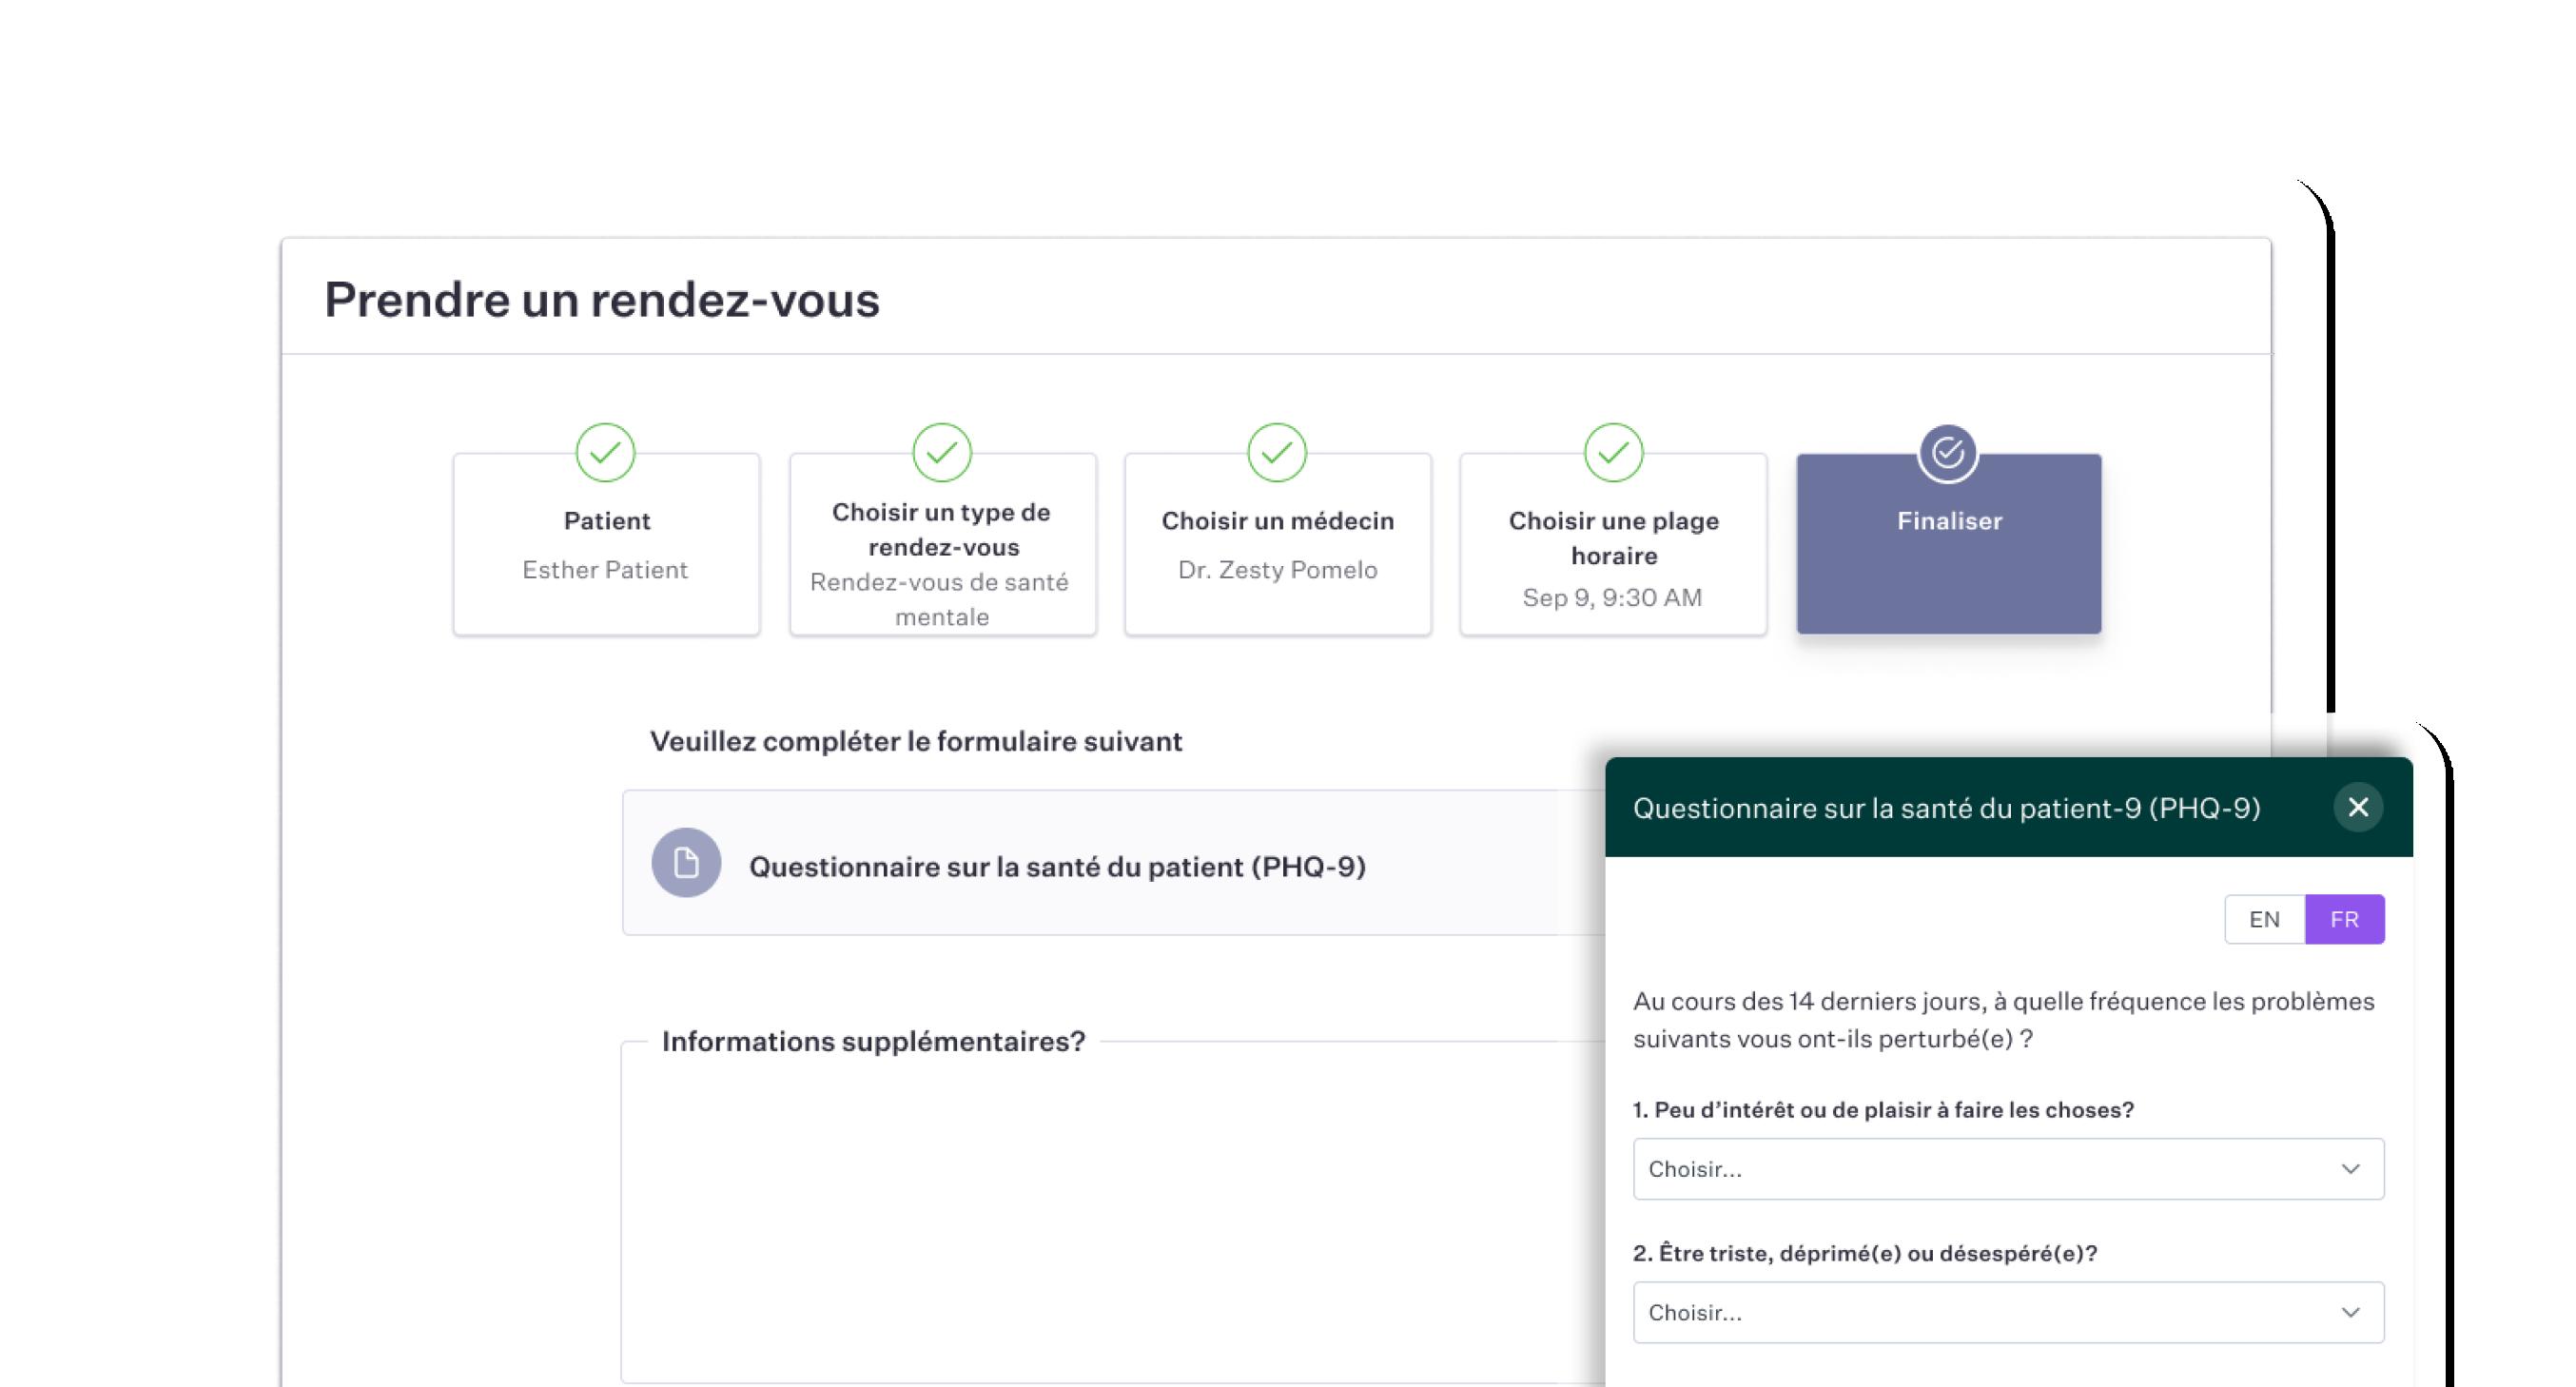 Intégrez des formulaires éléctroniques au processus de prise de rendez-vous en ligne pour garder les informations de vos patients à jour